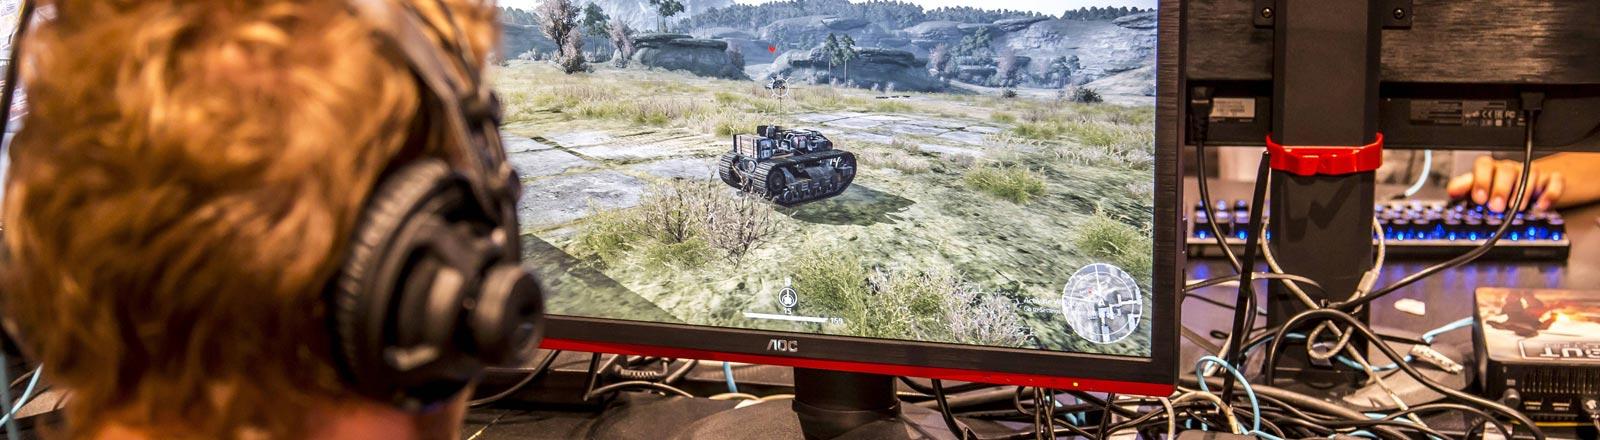 Ein Spieler spielt ein Computerspiel.